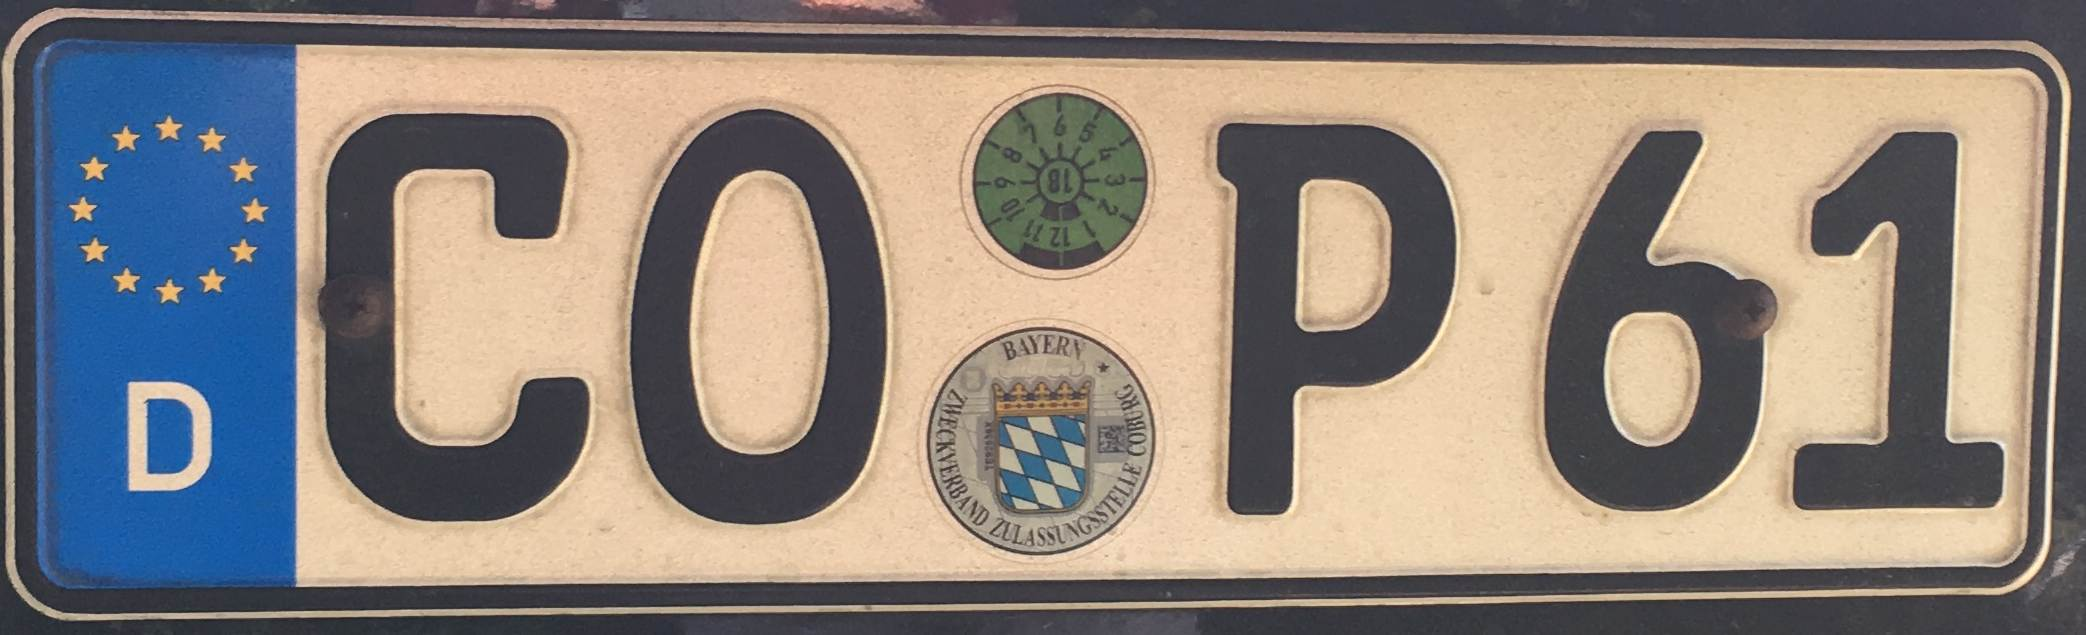 Registrační značky Německo - CO - Coburg, foto: www.podalnici.cz